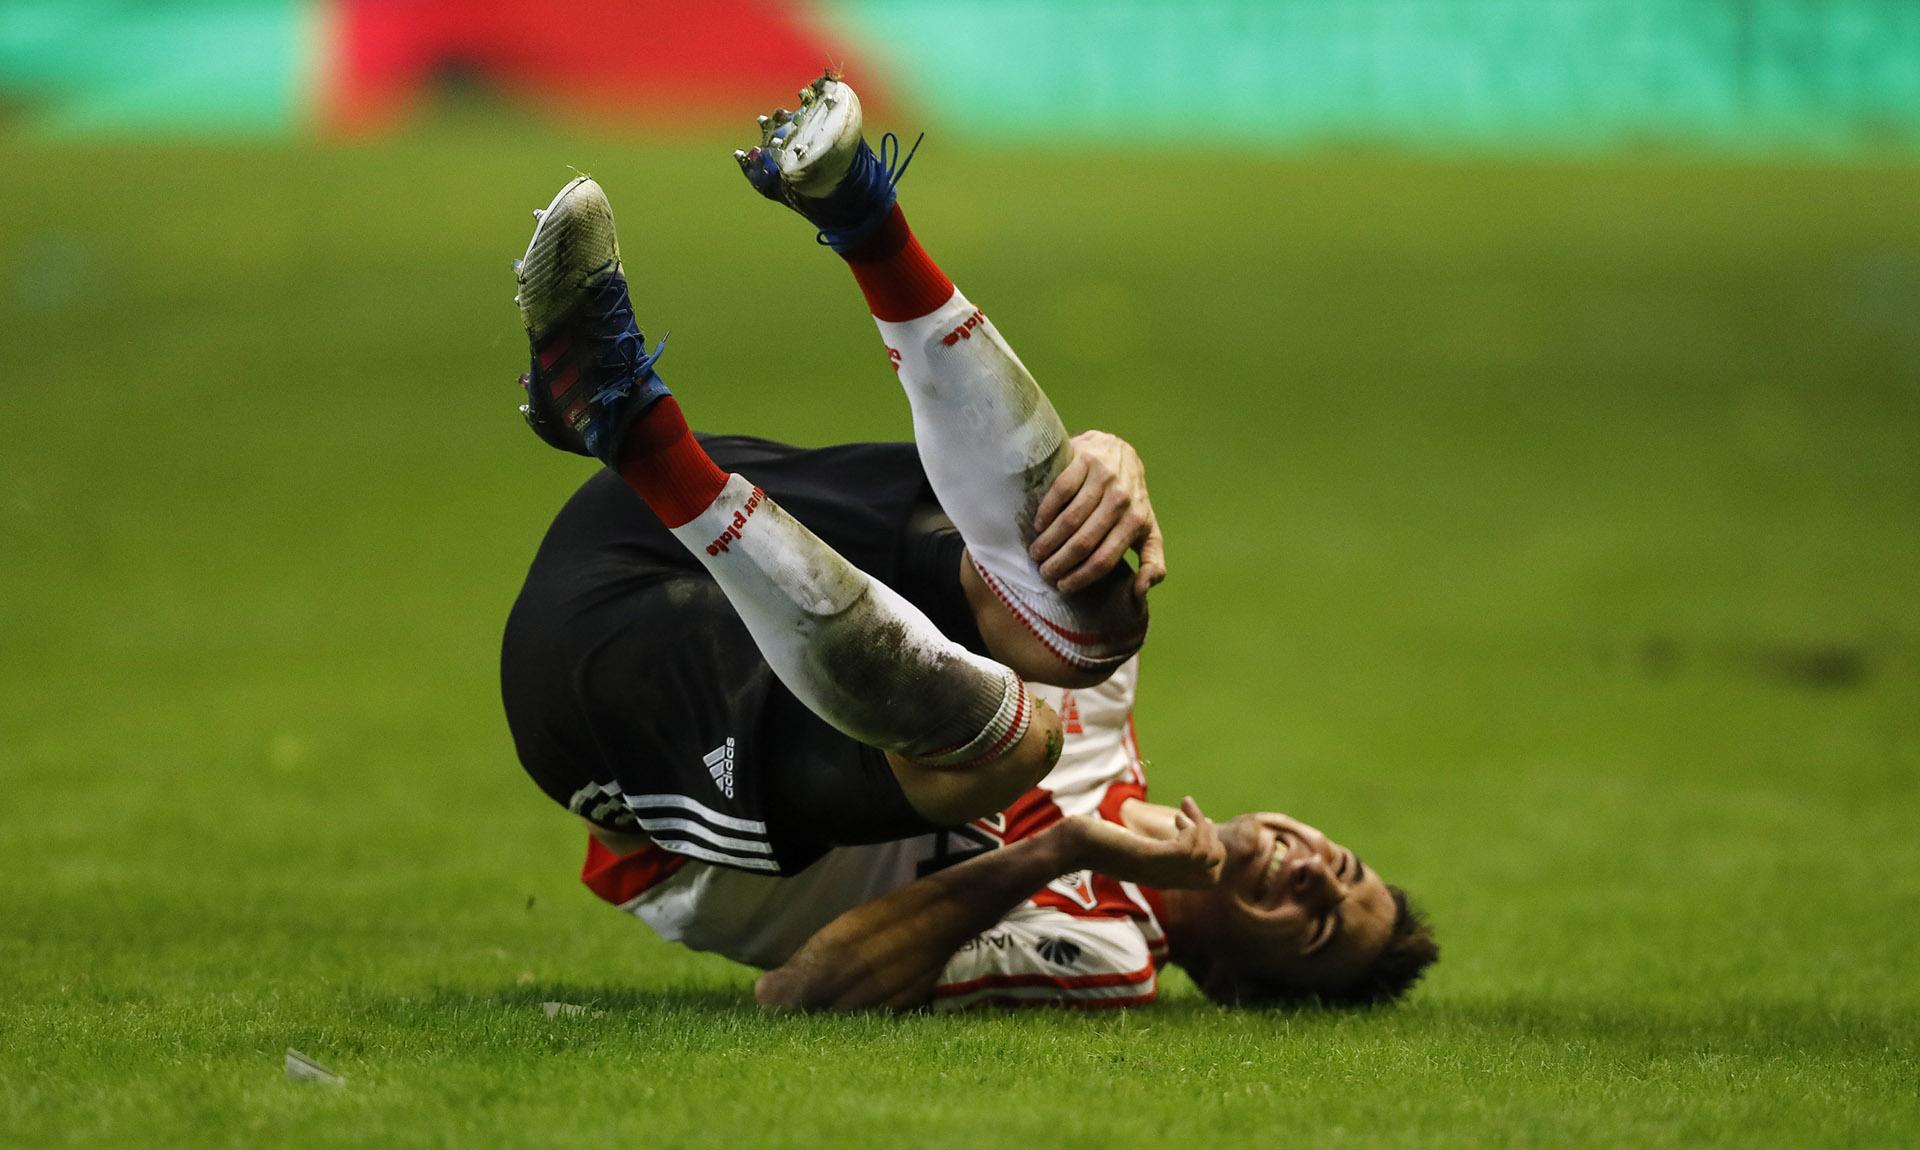 Lucas Alario se lamenta en el piso tras un choque con otro jugador